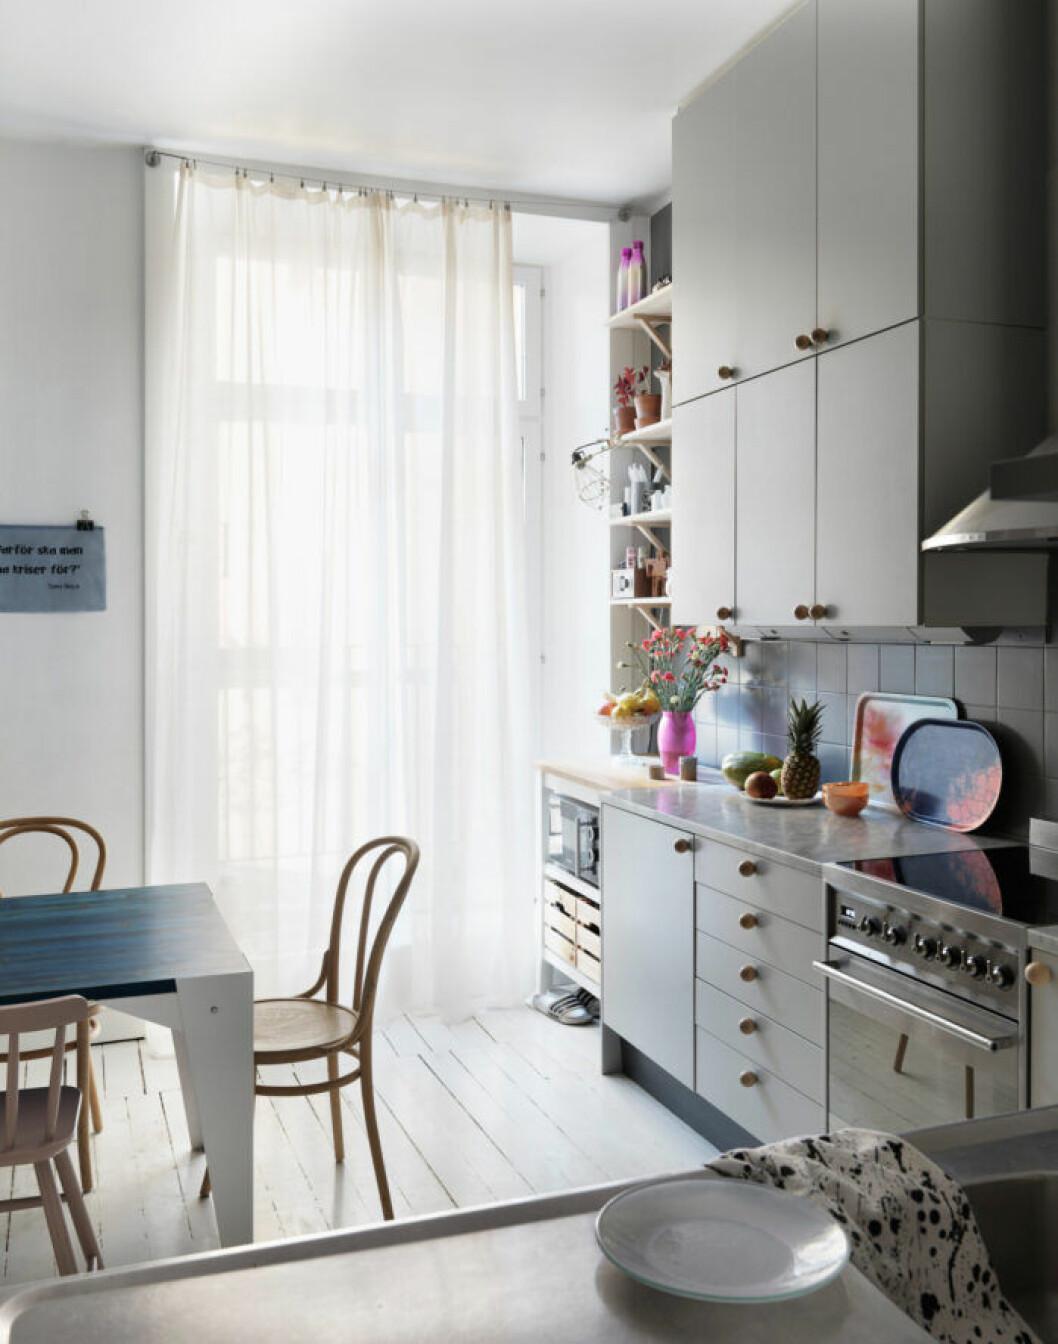 Gråmålat kök hos modedesignern på Södermalm i Stockholm